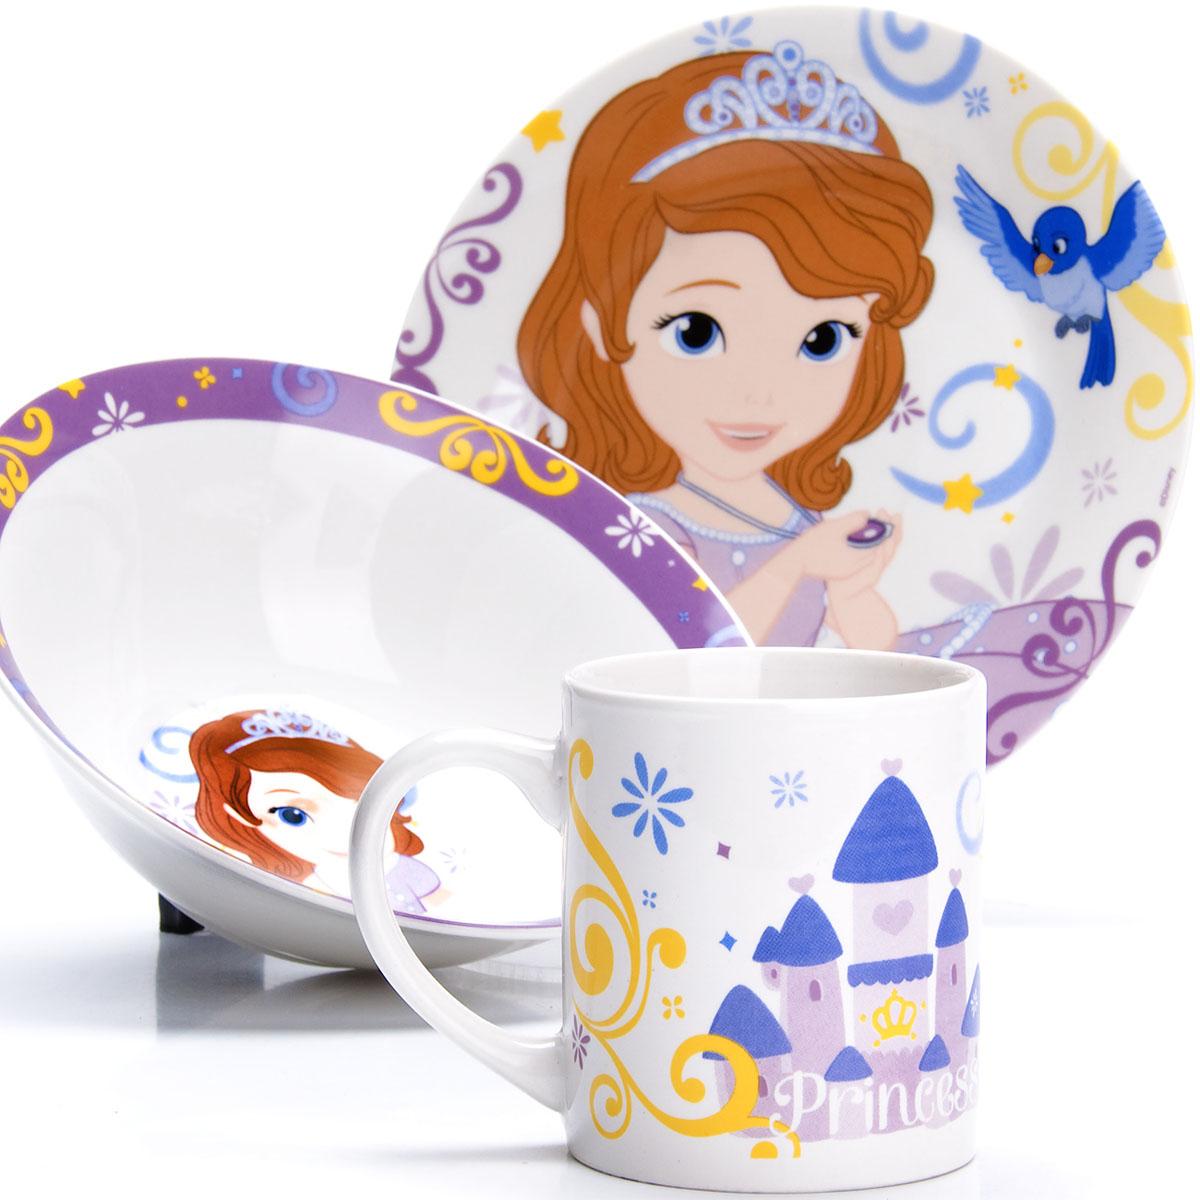 Набор для завтрака Disney София, 3 предмета. 2700227002Набор детской посуды DISNEY, выполненный из высококачественной керамики и декорированы красочным рисунком. Такой набор обязательно понравится вашему ребенку, потому что теперь у него будет своя собственная посуда с изображением героев популярных мультиков. Набор посуды для детей включает в себя три предмета: суповую тарелку, обеденную тарелку и кружку. Набор упакован в красочную, подарочную упаковку. Подходит для мытья в посудомоечной машине.